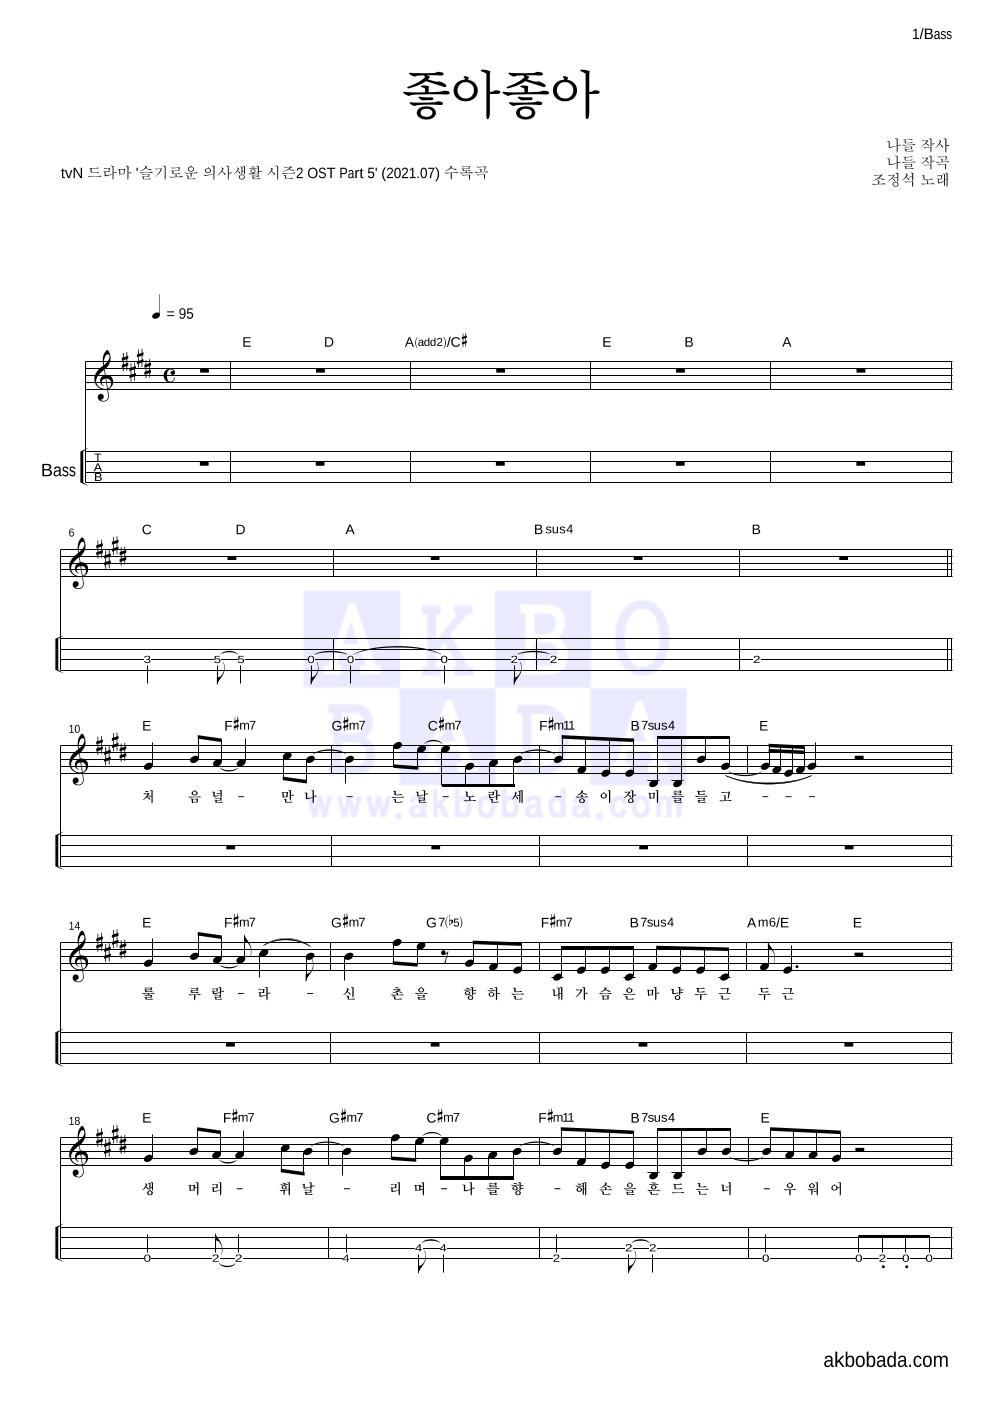 조정석 - 좋아좋아 베이스(Tab) 악보